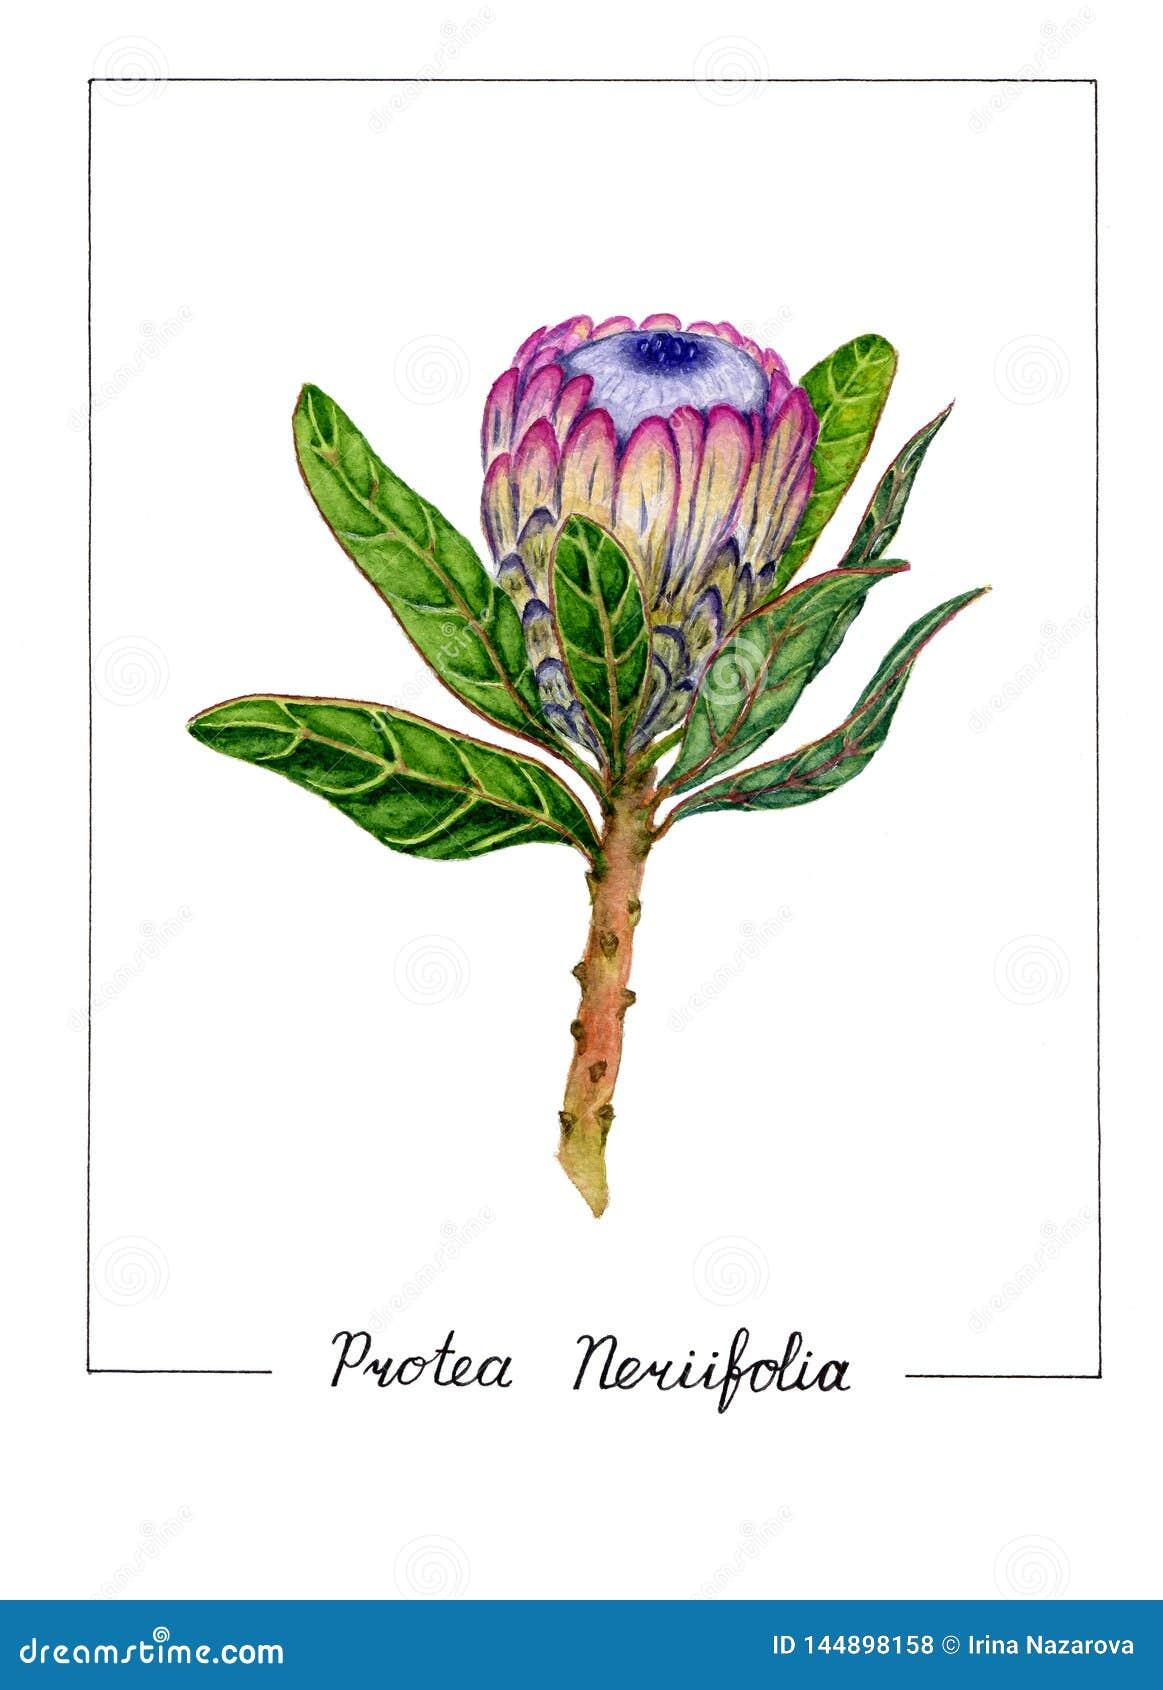 Botanische Illustration der Proteablume lokalisiert auf weißem Hintergrund